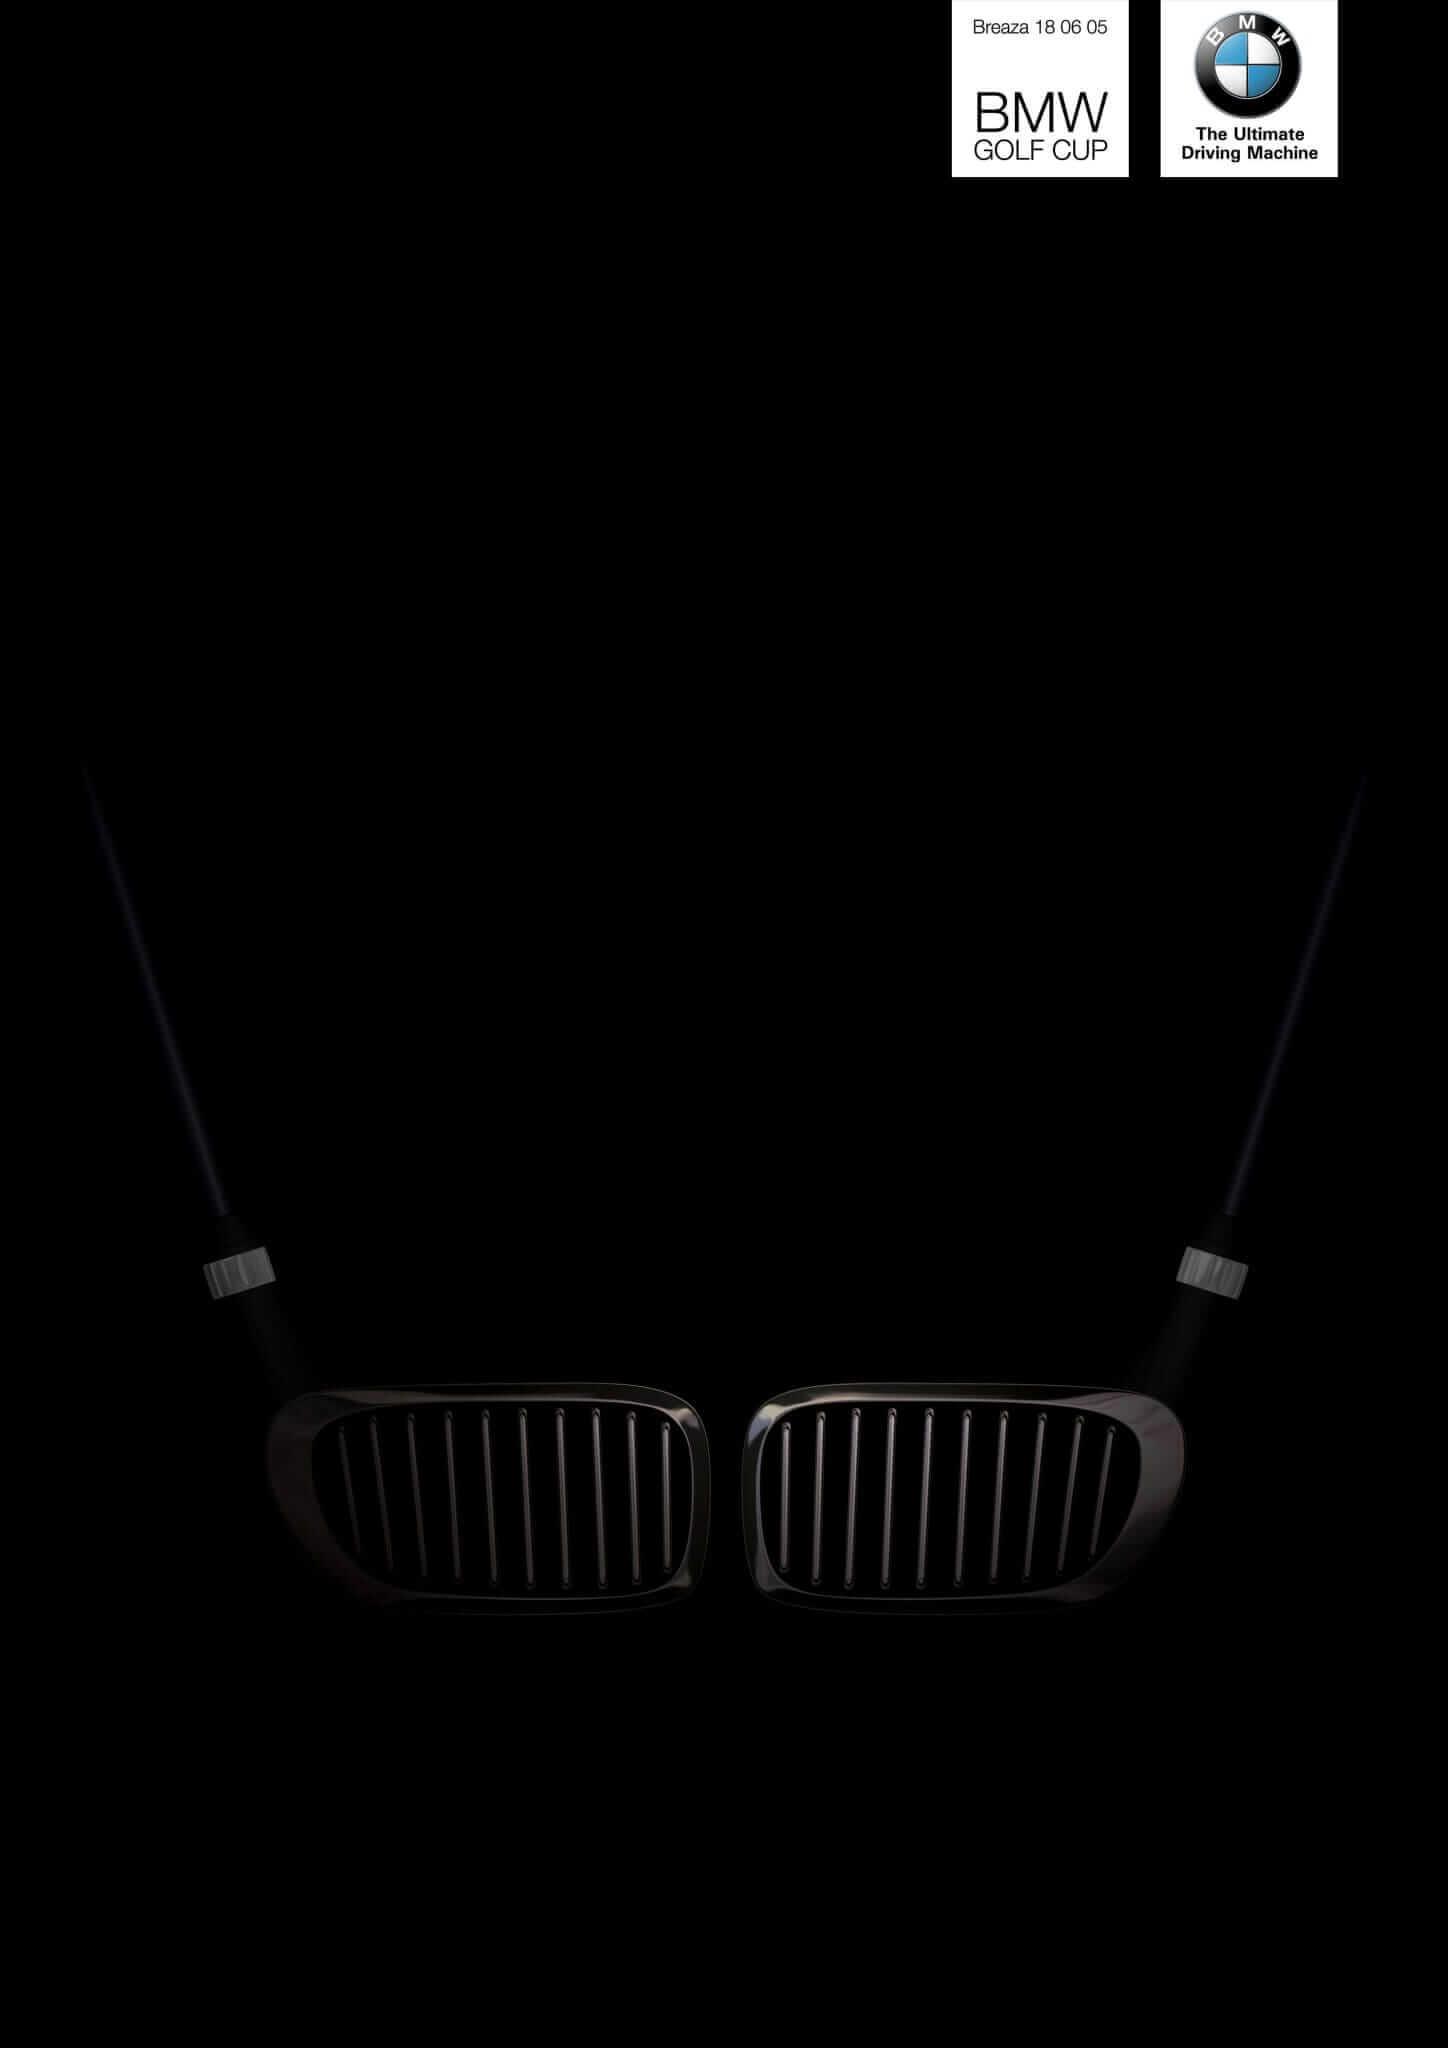 25_BMW_GC